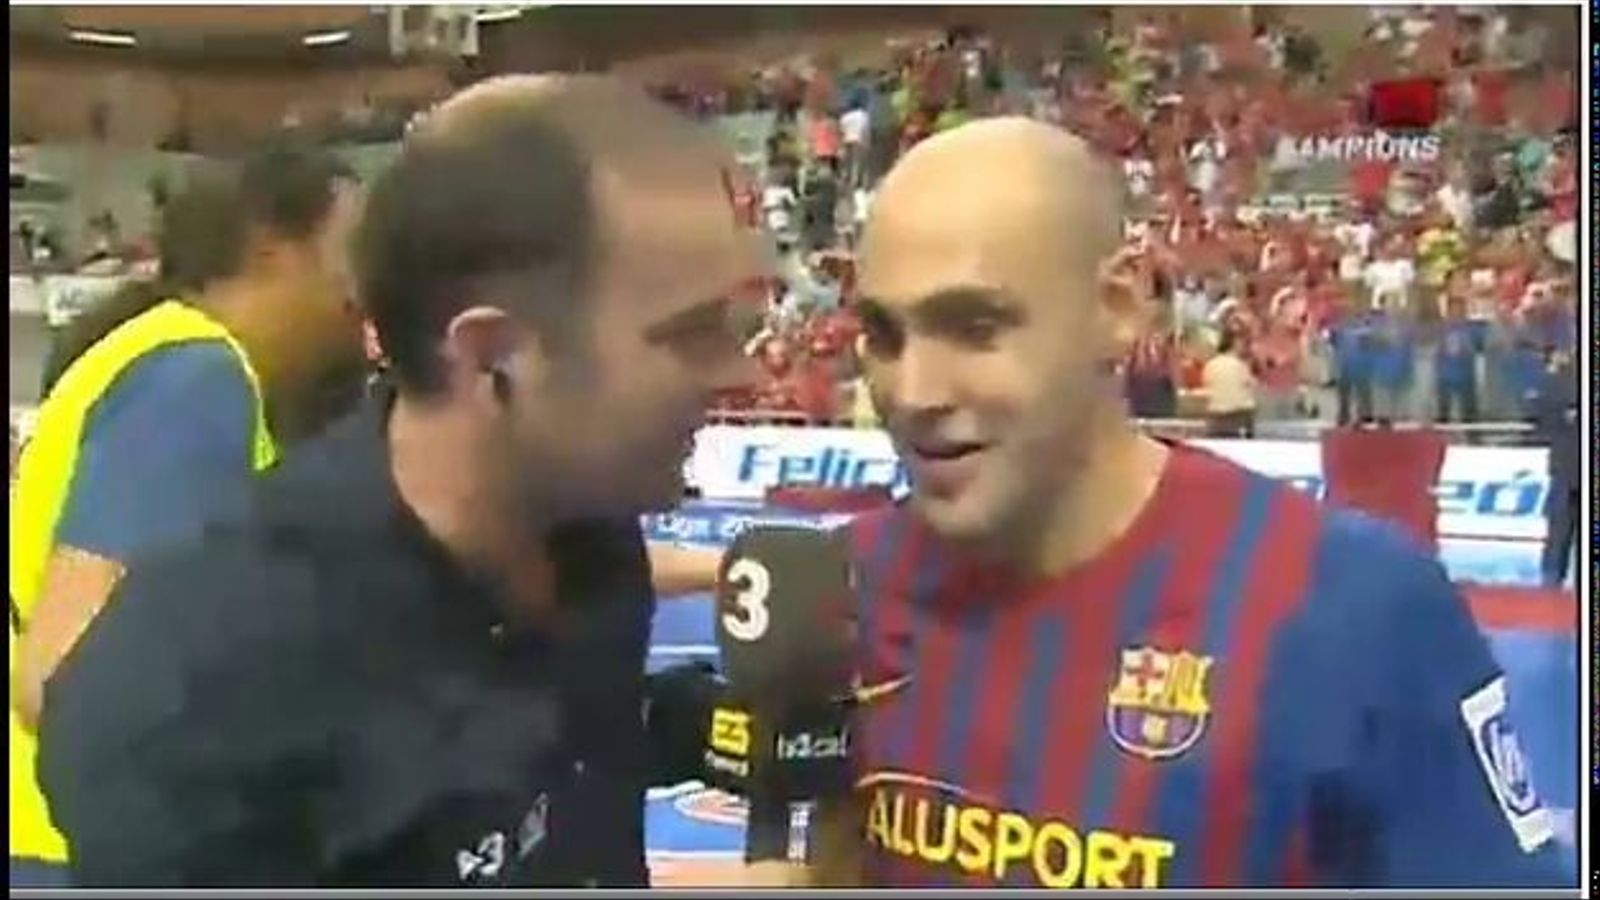 Javi Rodríguez guanya la lliga i li diu a Tomás Roncero que truqui a Florentino i faci un equip de futbol sala a Madrid